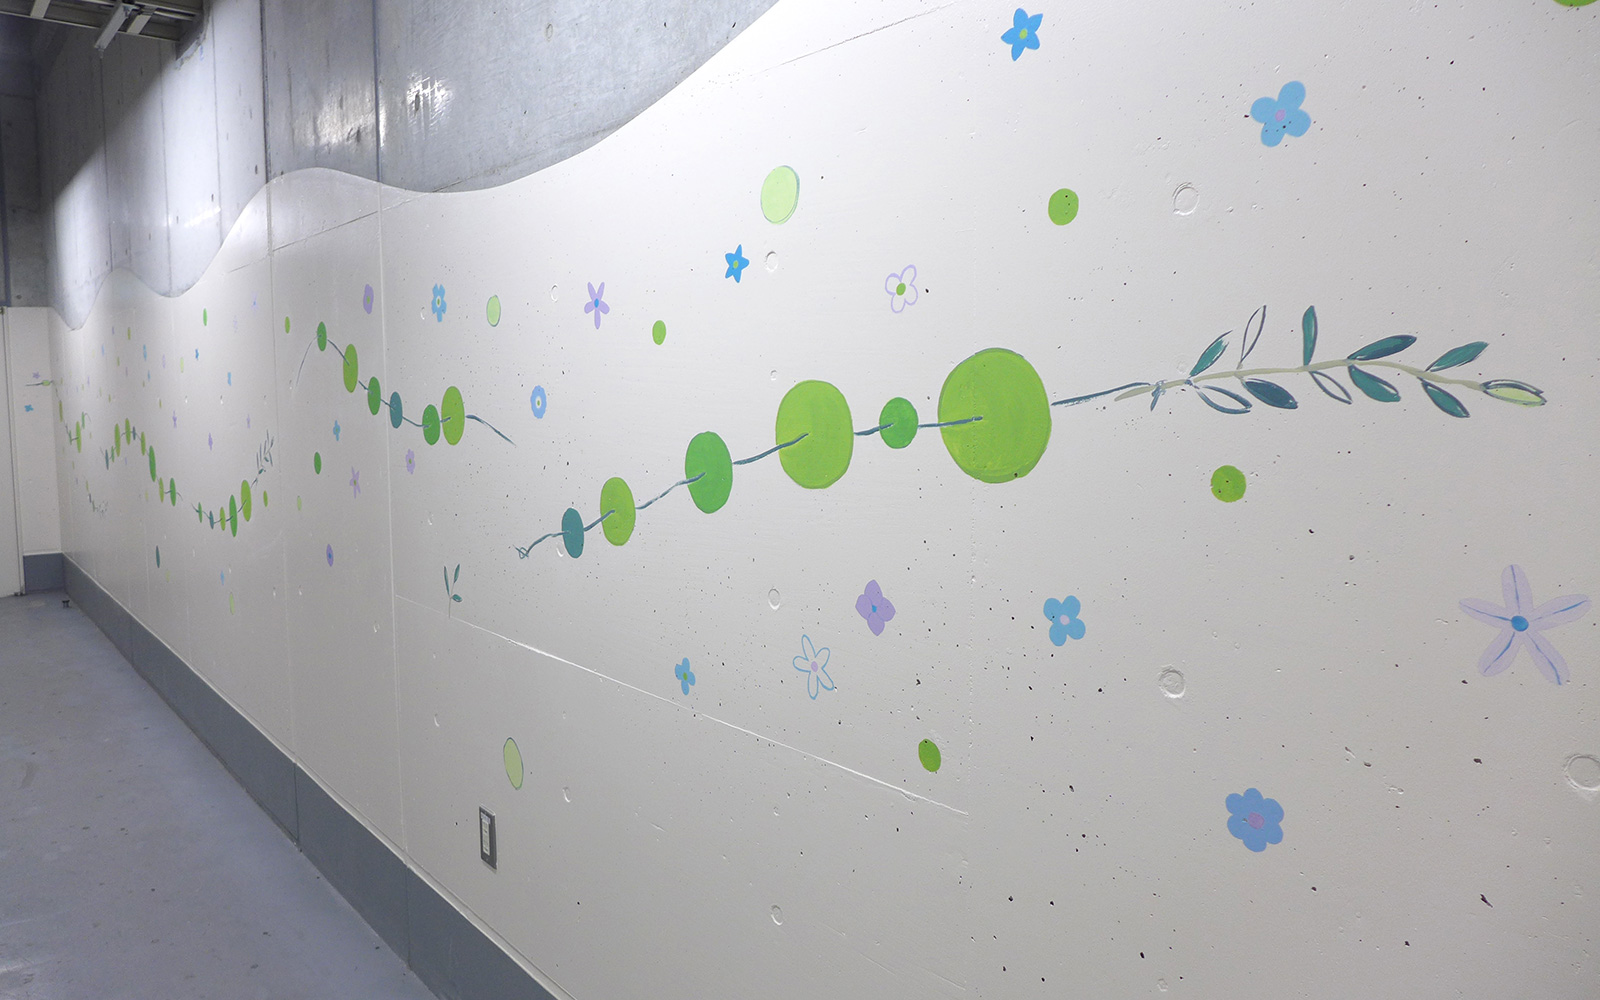 ホスピタルアート 四国こどもとおとなの医療センター 地下通路 「青い花に・・・」